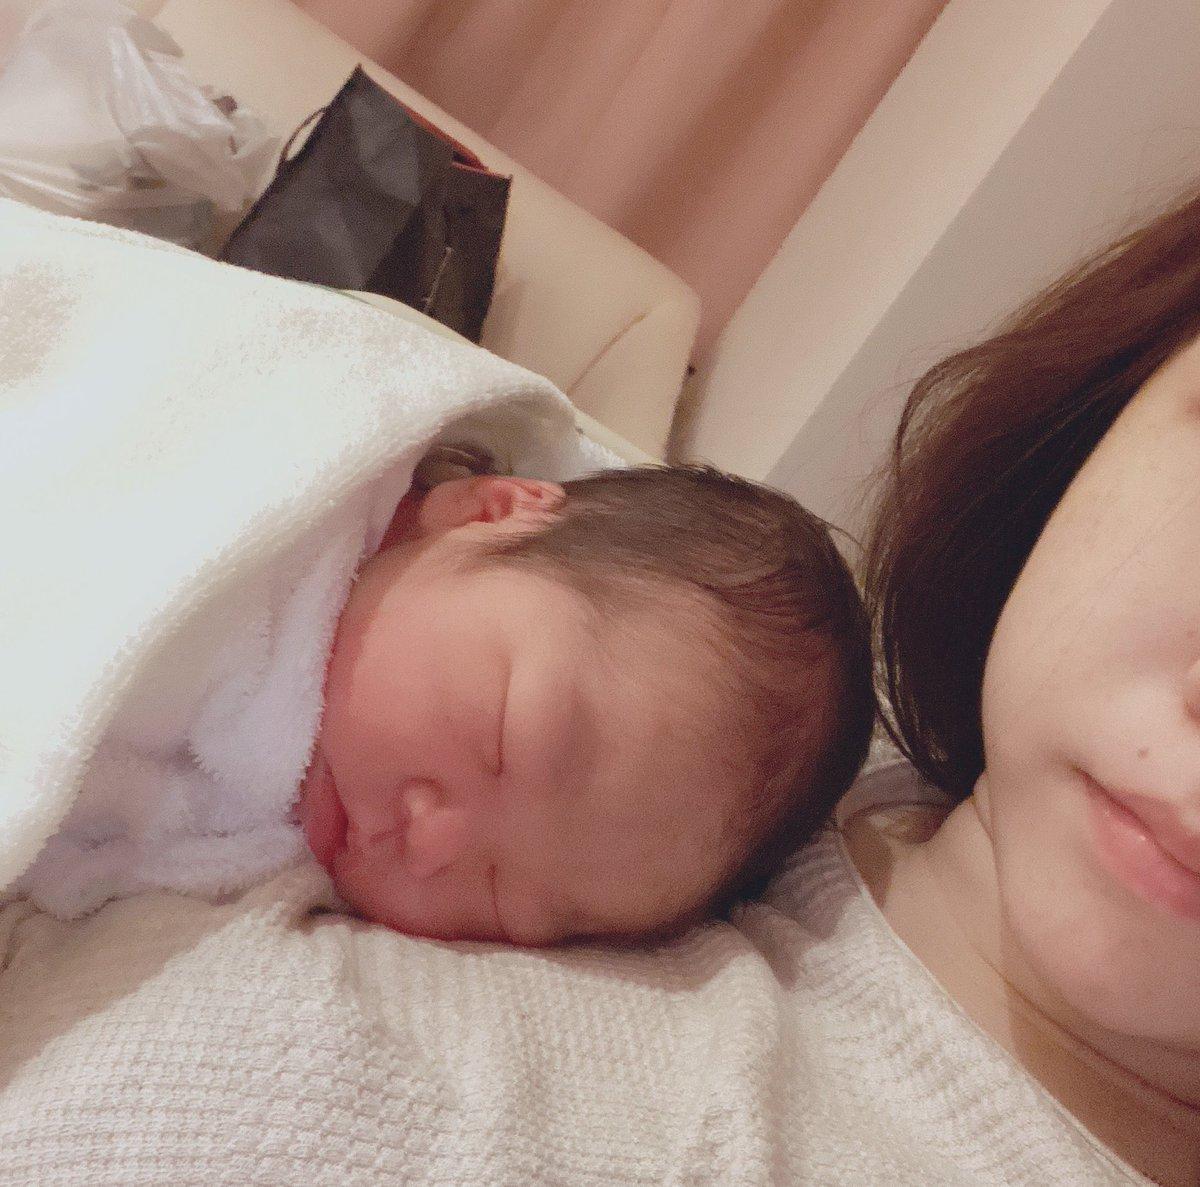 コロナ禍中での産後入院生活は想像通りちゃんと厳しいです。寂しすぎます。あかちゃんはそりゃかわいいです。家帰りたいなぁはやくみんなに会わせてあげたい( ◜◡◝ )入院はまだまだ続く、、